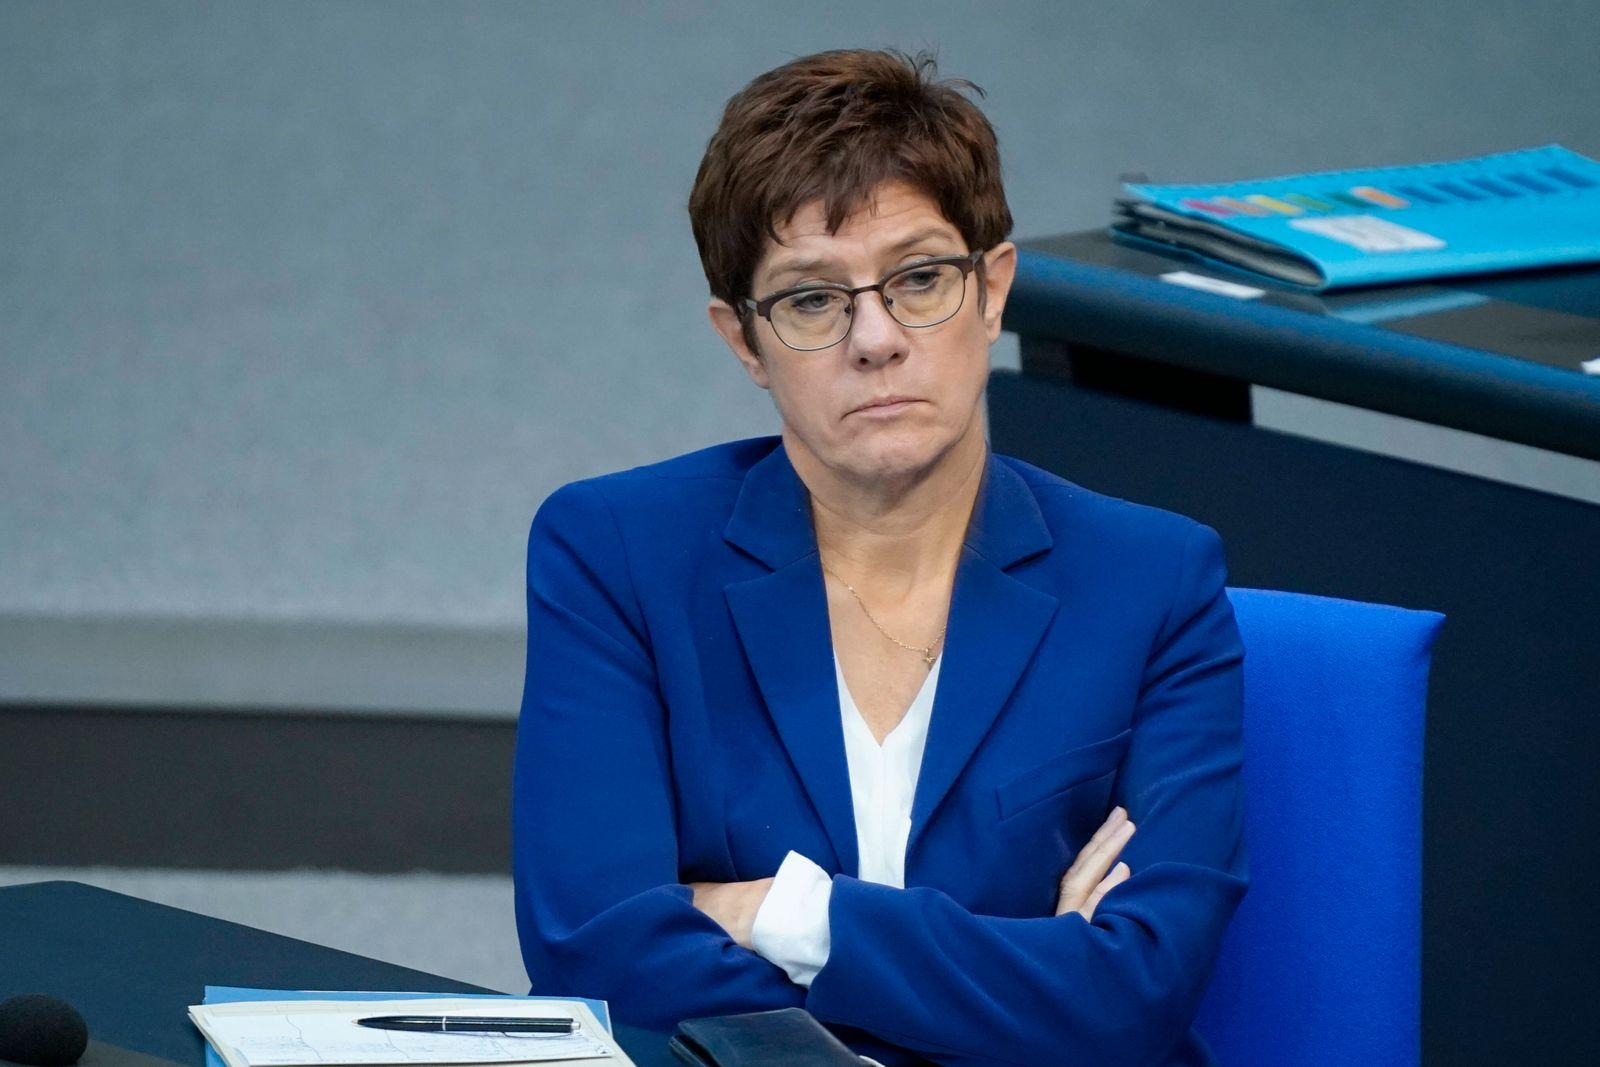 179. Sitzung des Deutschen Bundestag mit Haushaltsdebatte in Berlin Aktuell, 30.09.2020, Berlin, Annegret Kramp-Karrenba